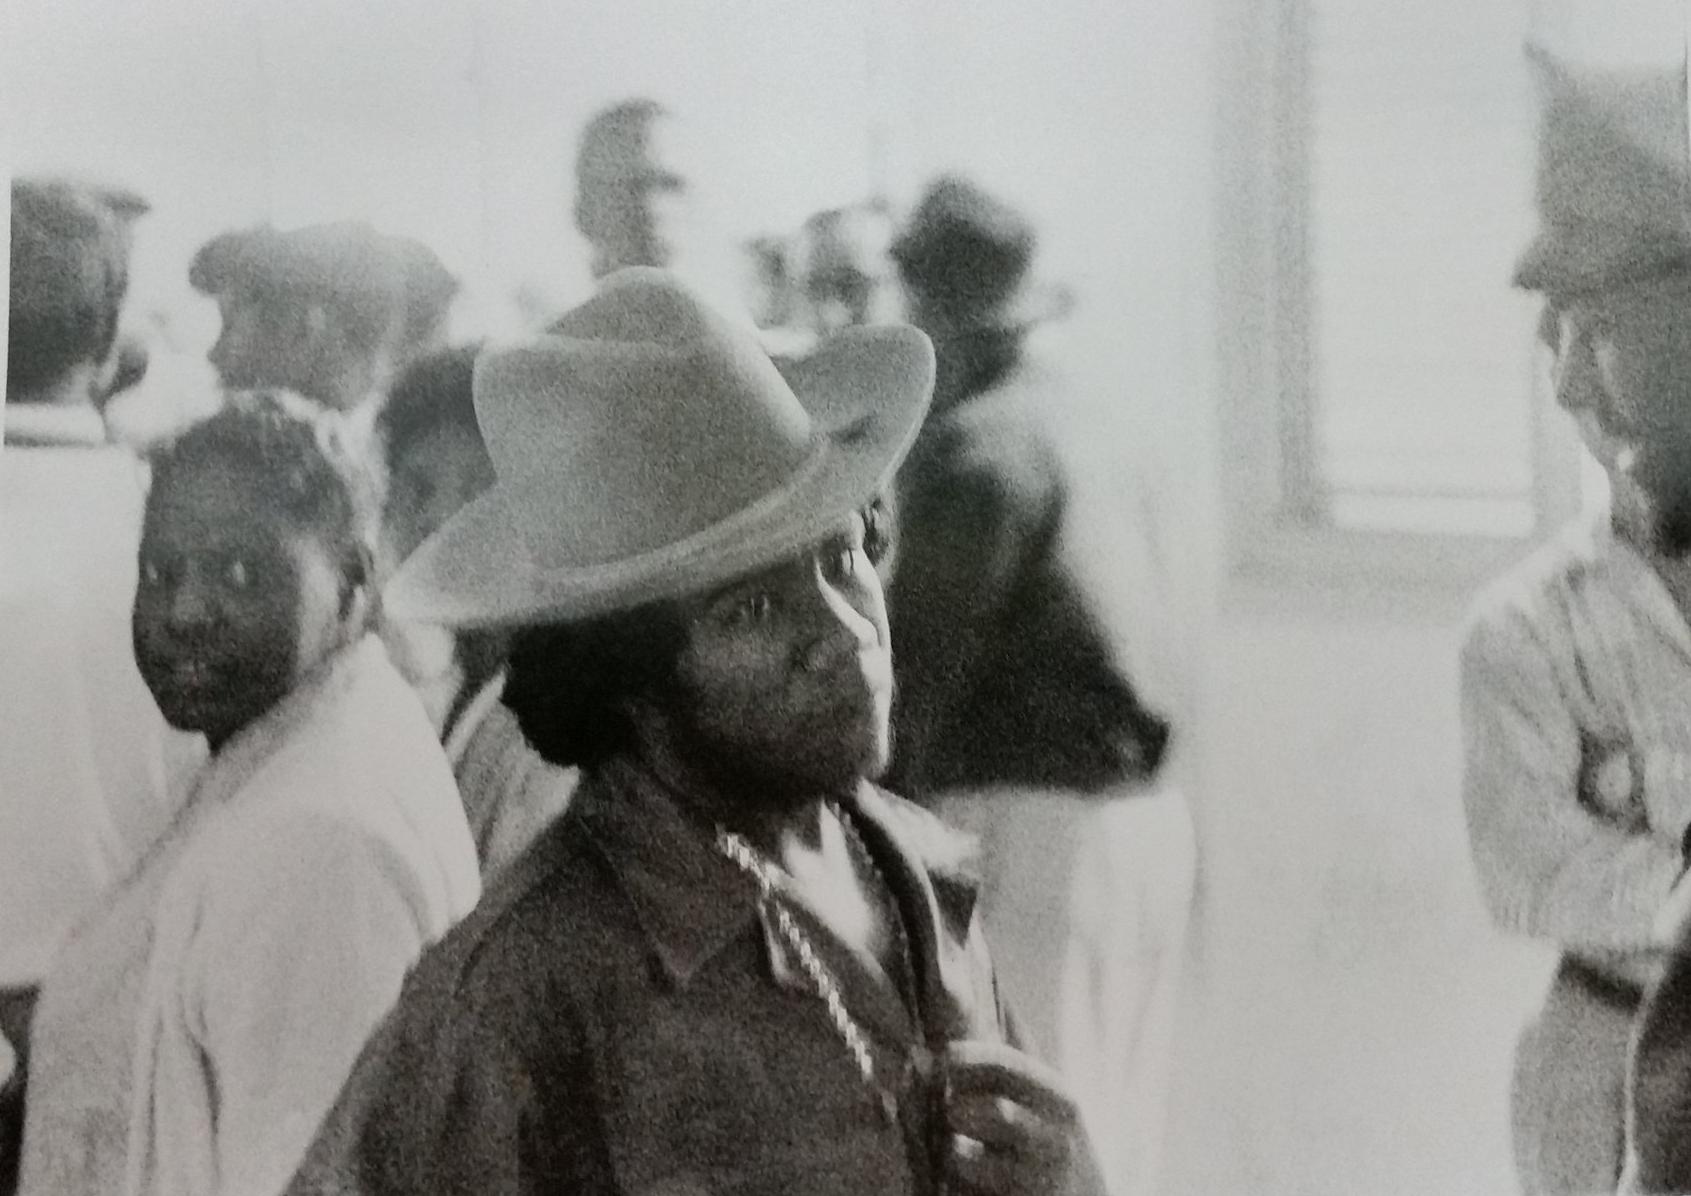 Castro rebel with big hat, Matanzas, Cuba, 1959